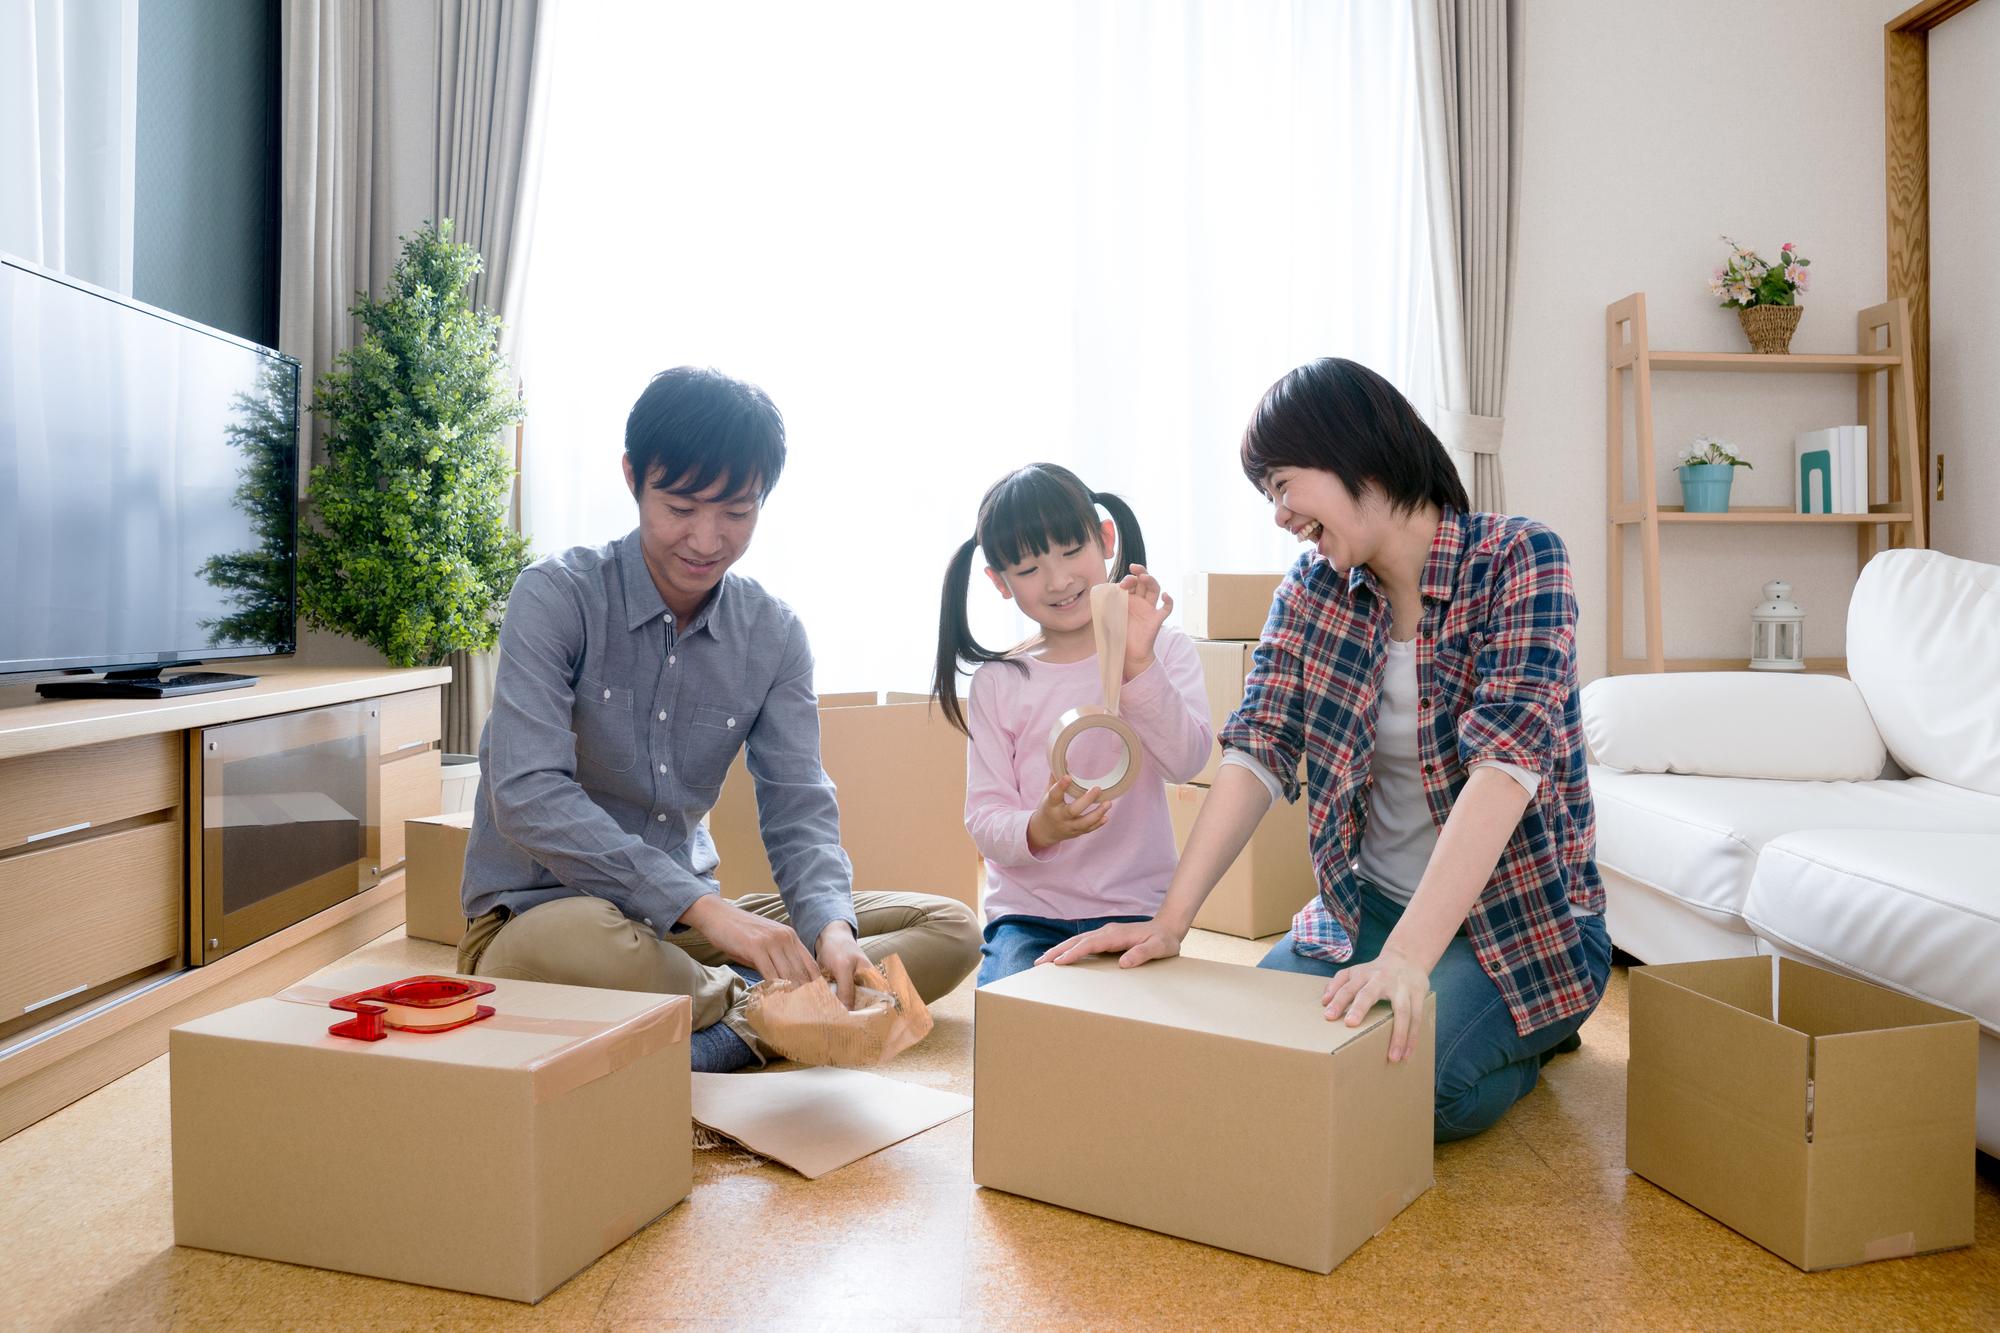 ダンボールに引越し荷物を梱包する家族